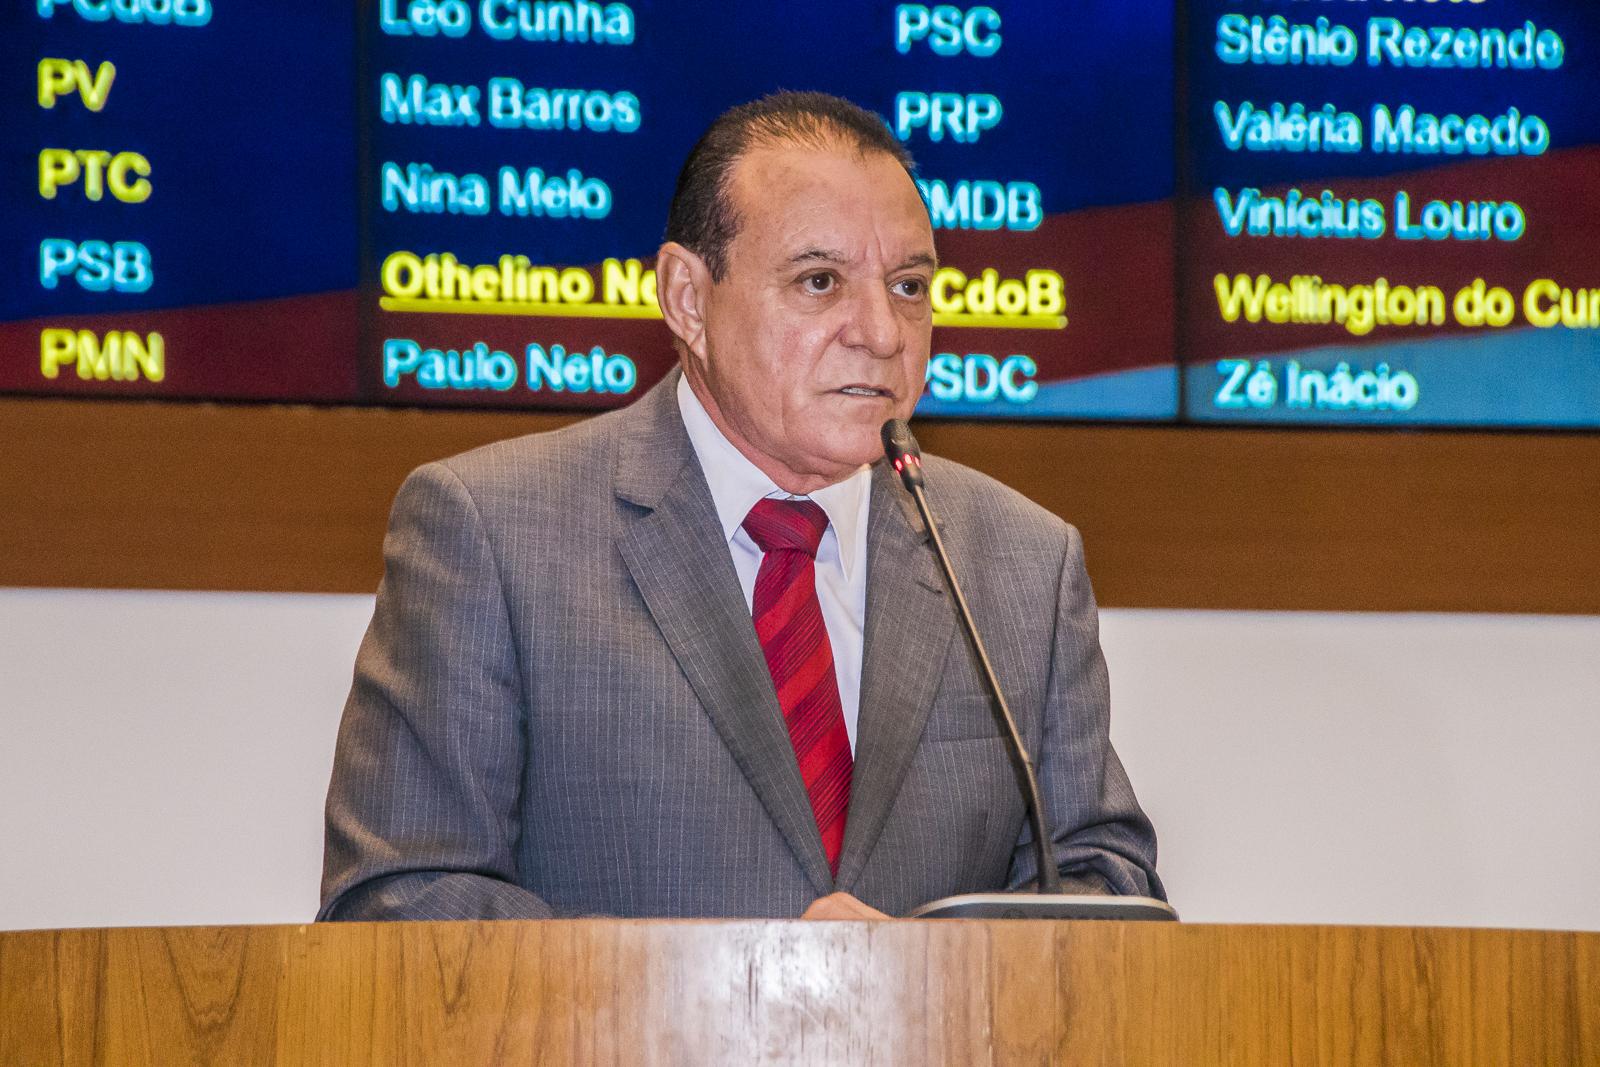 Cutrim faz avaliação sobre a demissão do diretor-geral da PF e sigilo de inquéritos